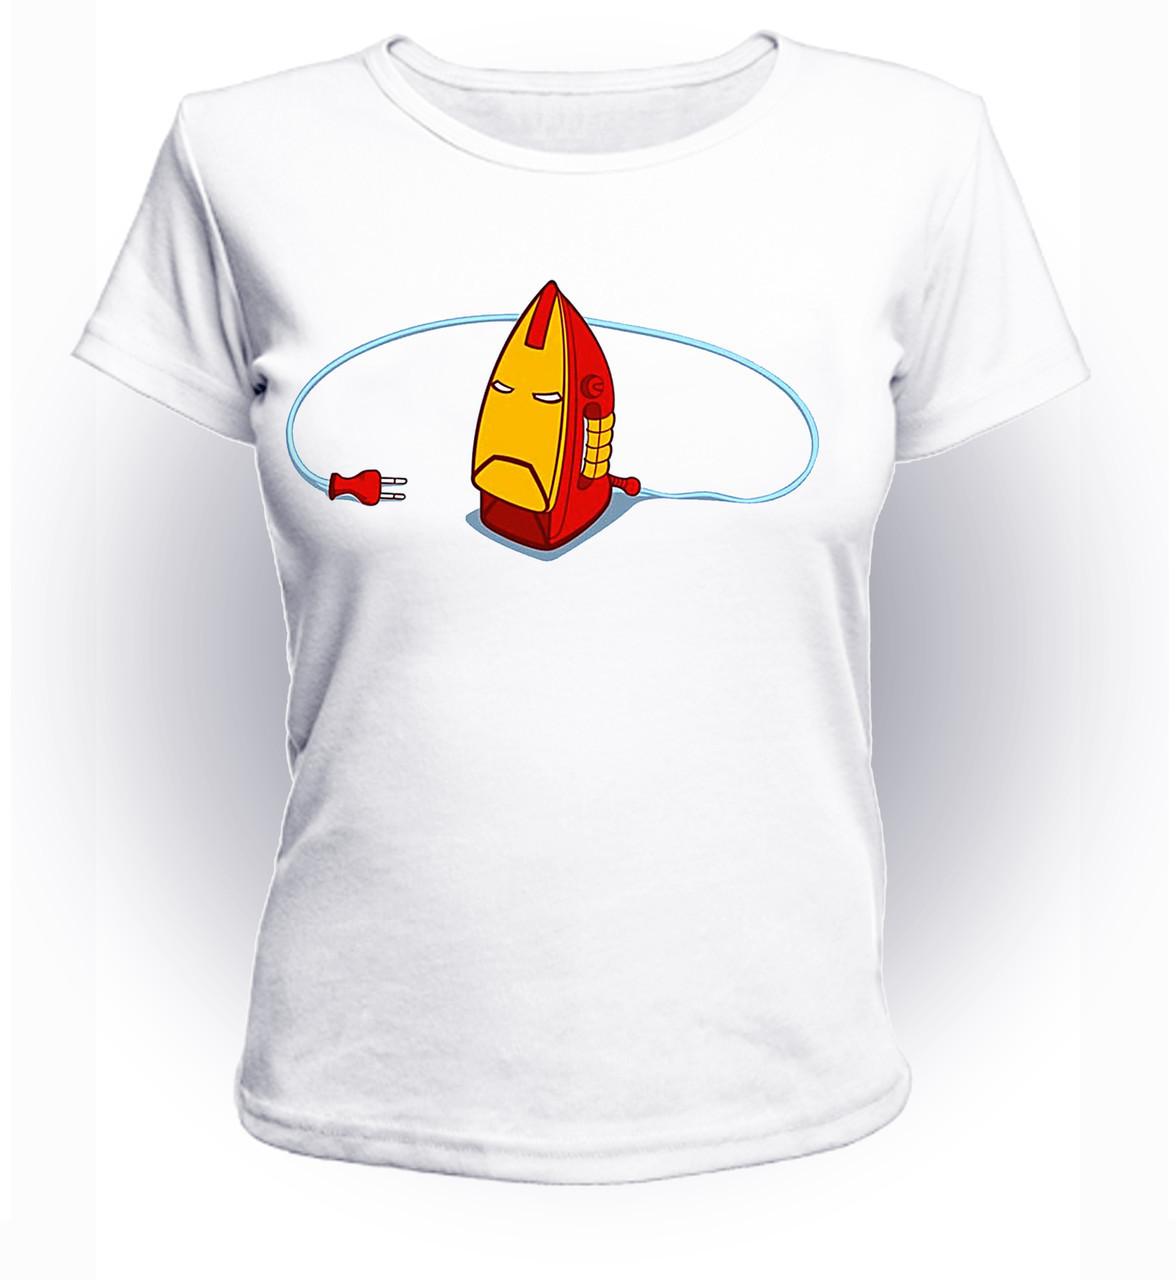 Футболка женская S GeekLand Железный Человек Iron Man утюг art IM.01.042